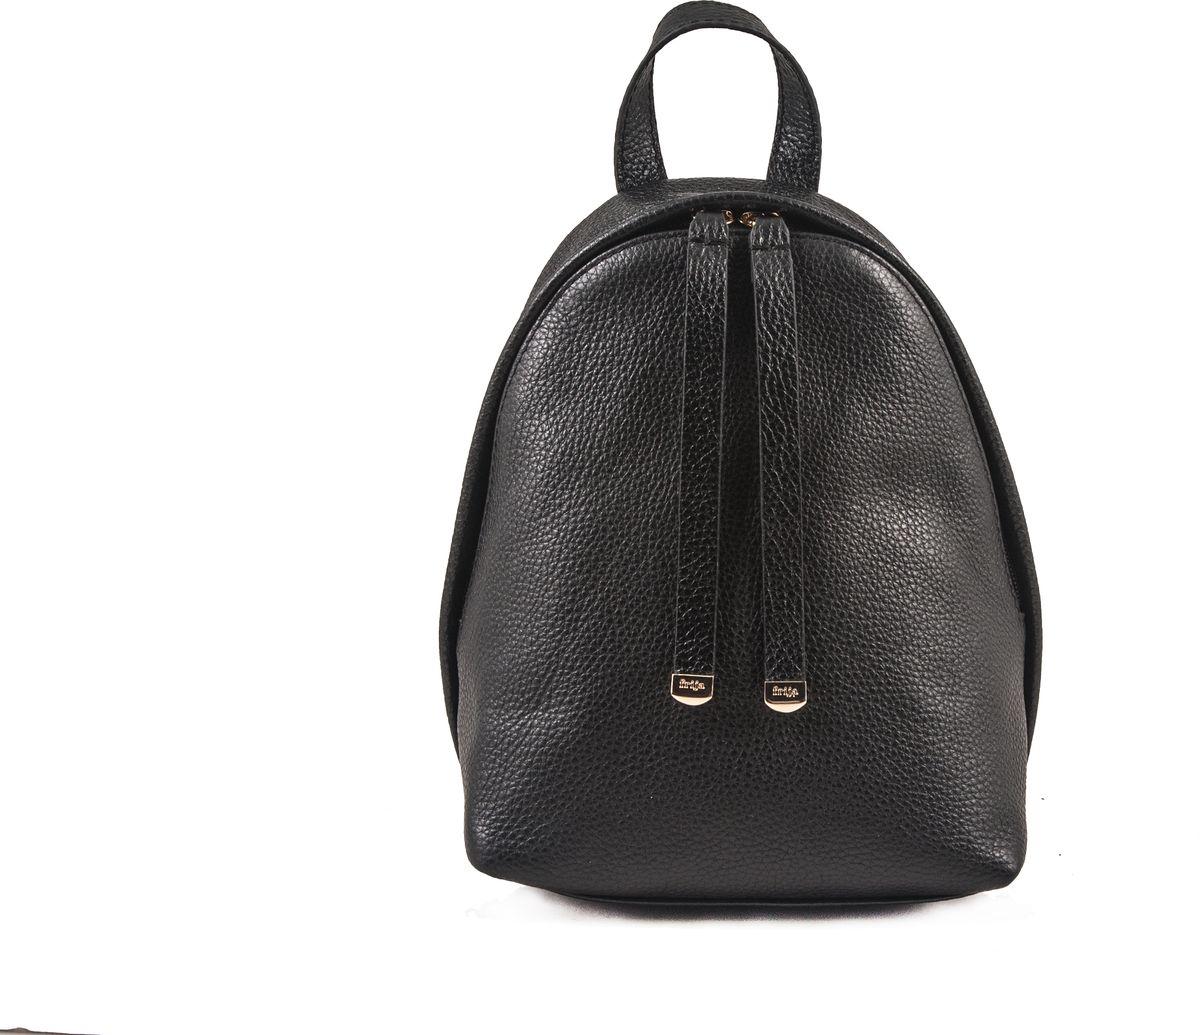 Рюкзак женский Frija, цвет: чёрный. 21-0347-BD21-0347-BDМодная сумка-рюкзак выполнен из натуральной кожи достойно дополнит строгий или повседневный образ. Благородные цвета, удобство в ношении, вместительность – главные преимущества модели.один вместительный отдел внутри которого карман на молнии. Сумка-рюкзак закрывается закрывается на двустороннюю молнию, носится в руке или одевается на плечи. Хорошо держит форму.